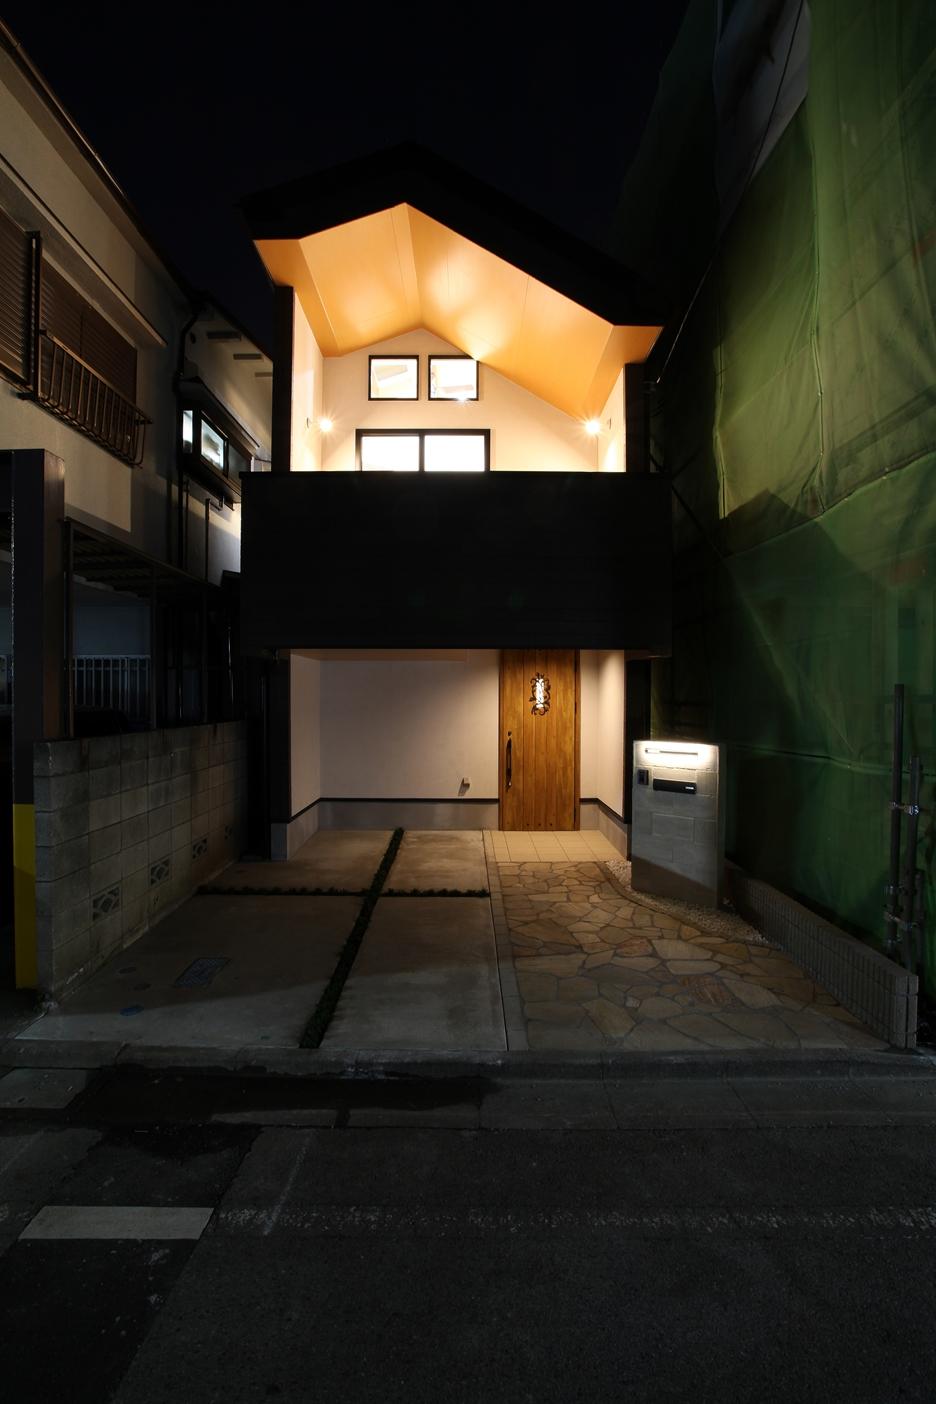 株式会社ハウジングアーキテクト建築設計事務所